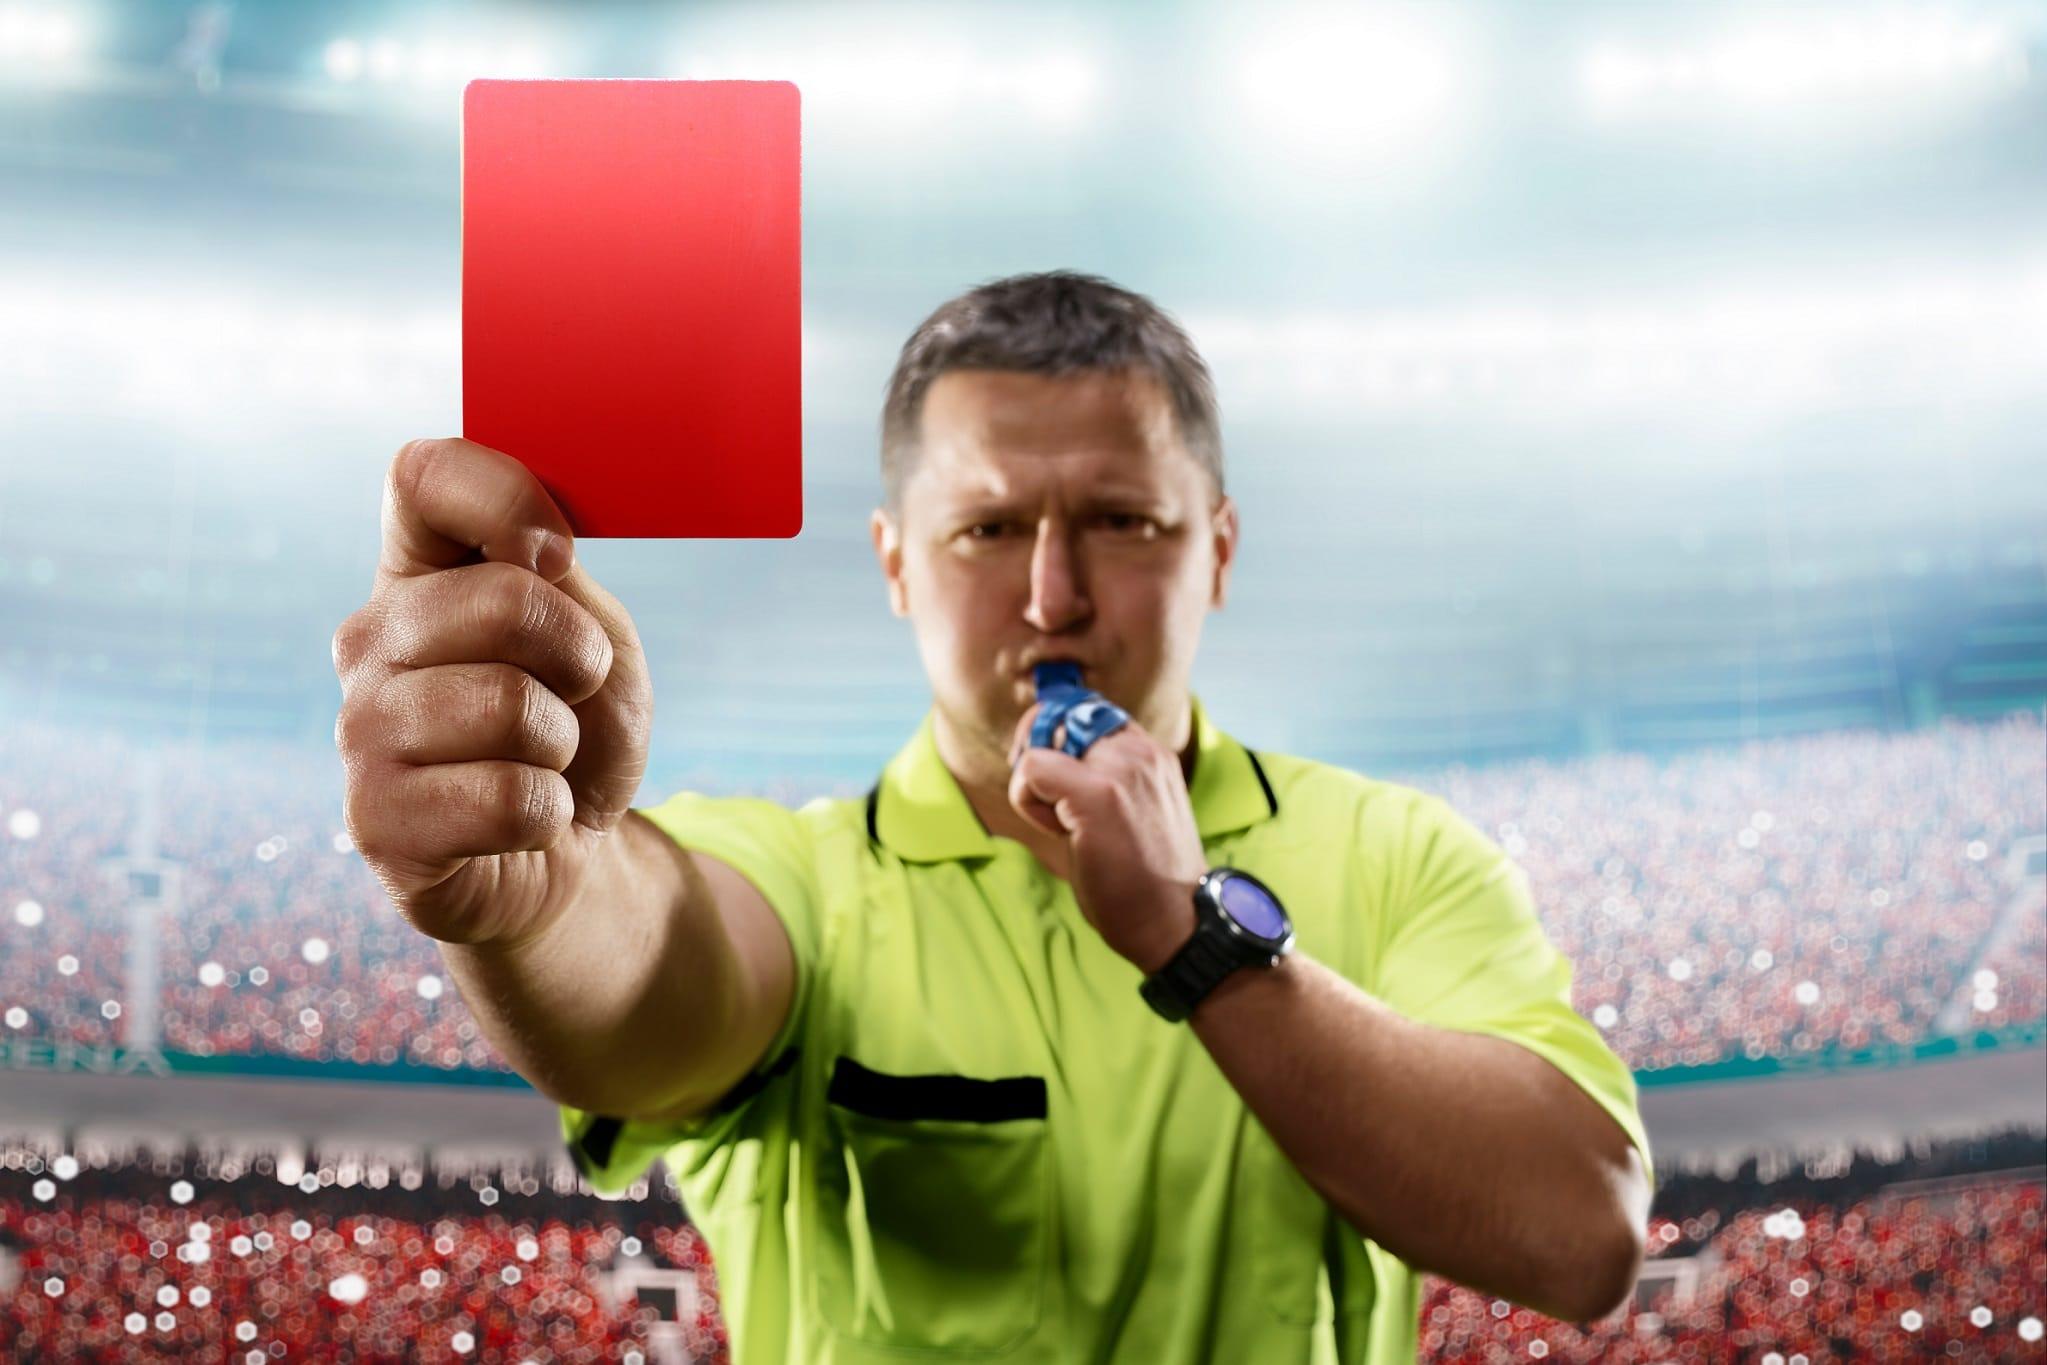 כרטיס אדום: 4 טעויות שאתם עושים בכרטיס העסק – ואיך תמנעו אותן